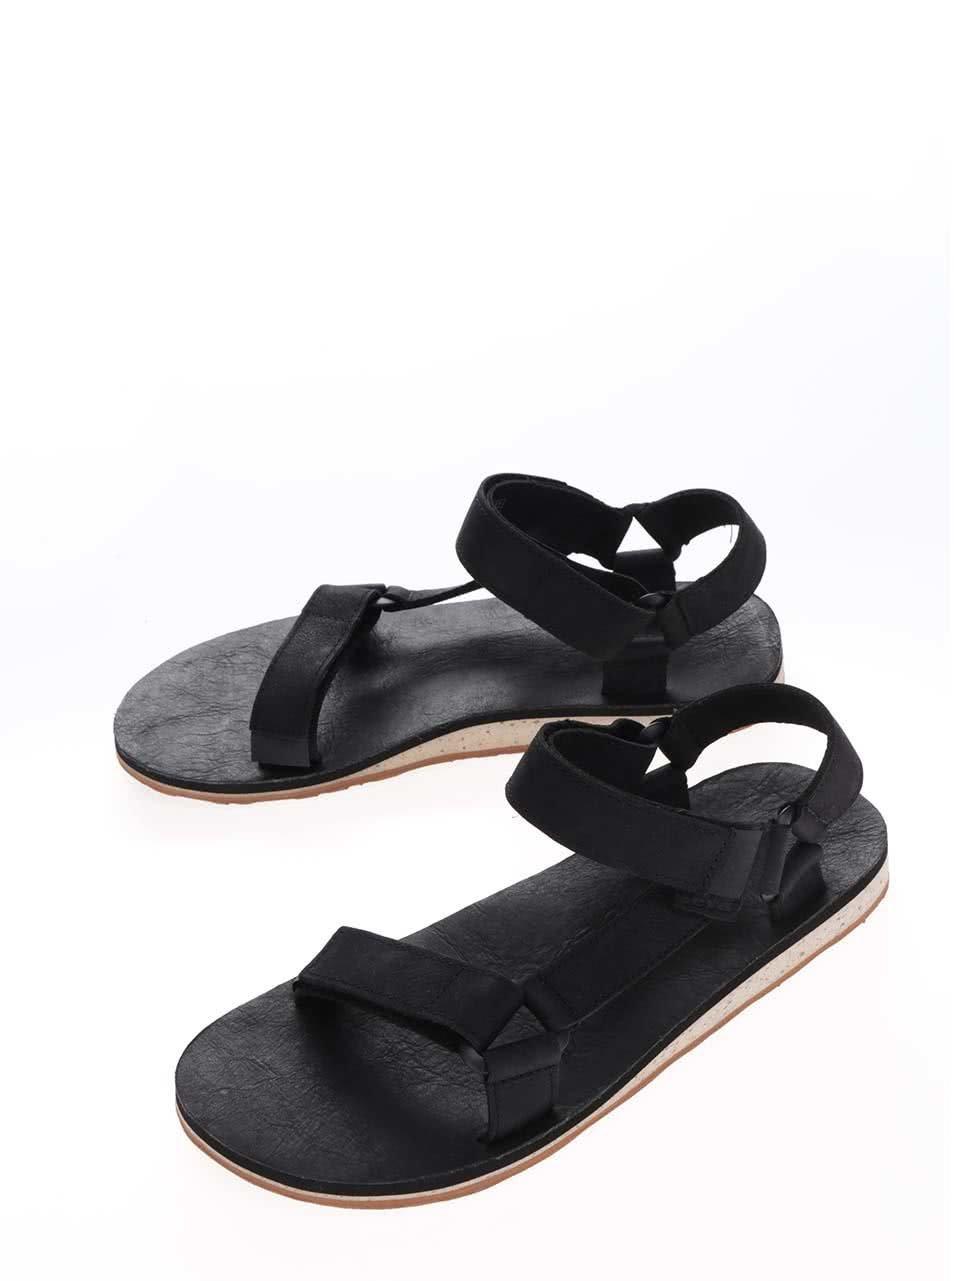 bcead94be Čierne kožené pánske sandále Teva | ZOOT.sk